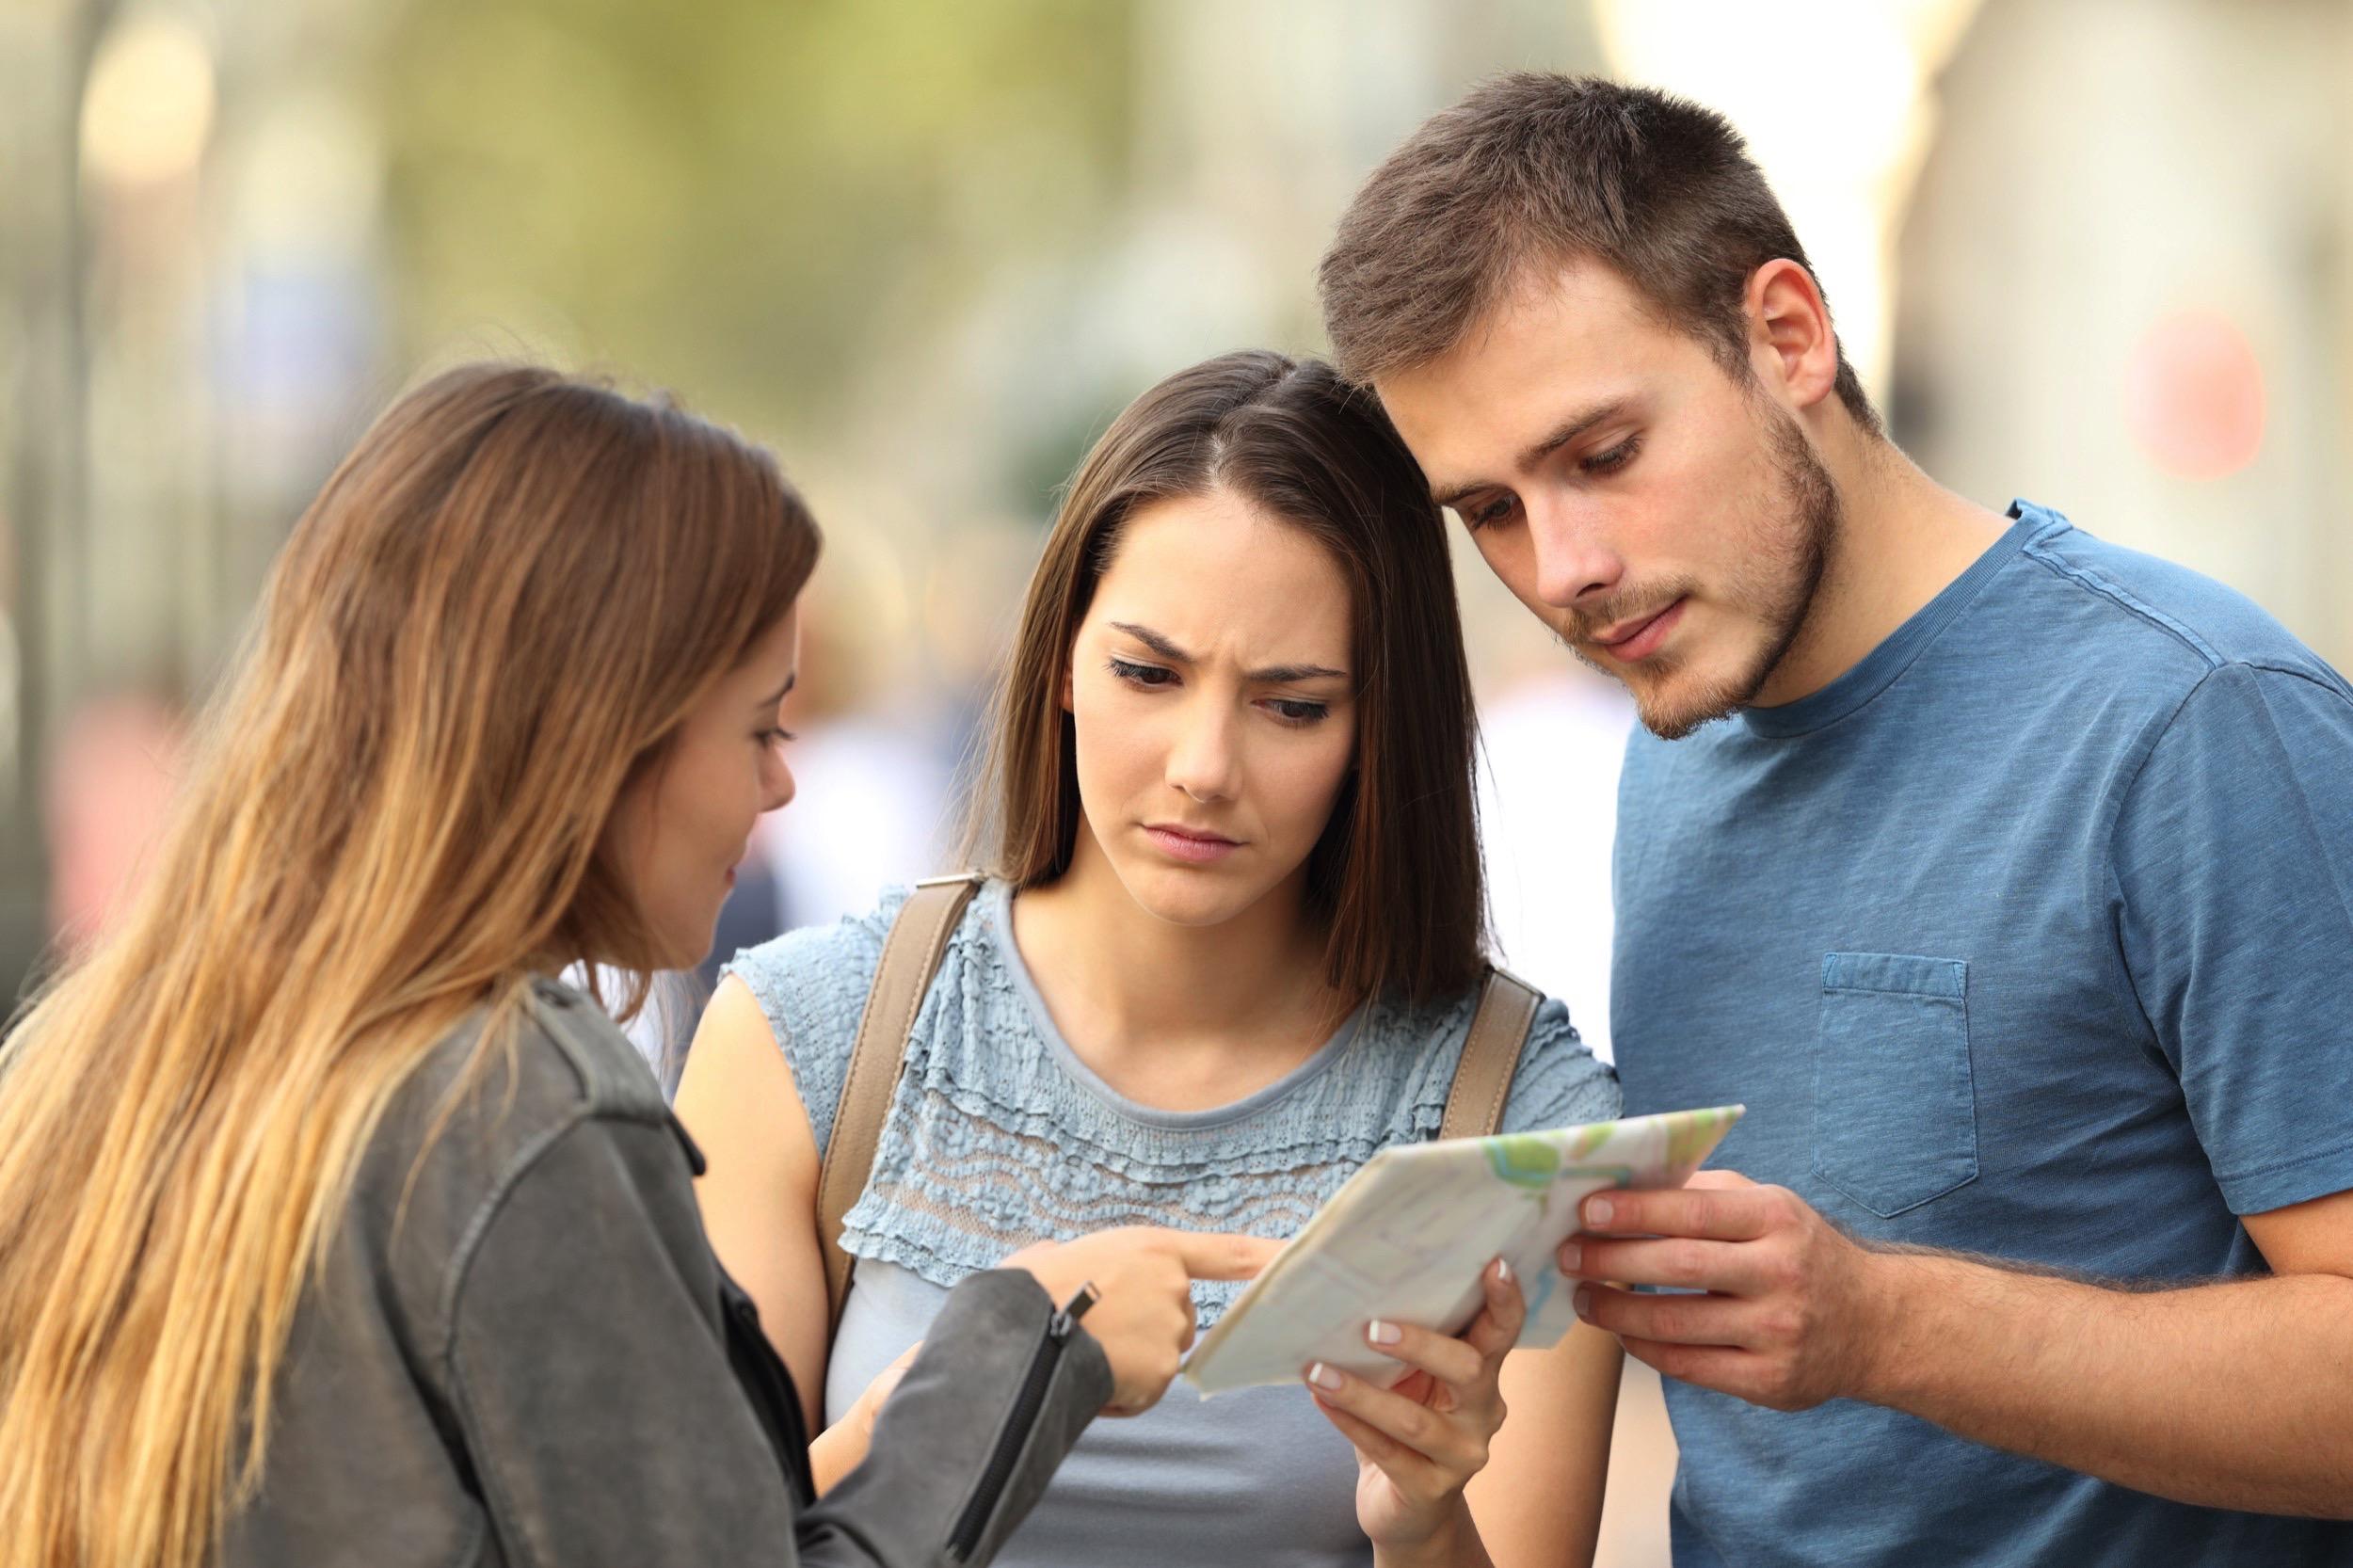 Konfliktlösung bei der Datierung von Beziehungen